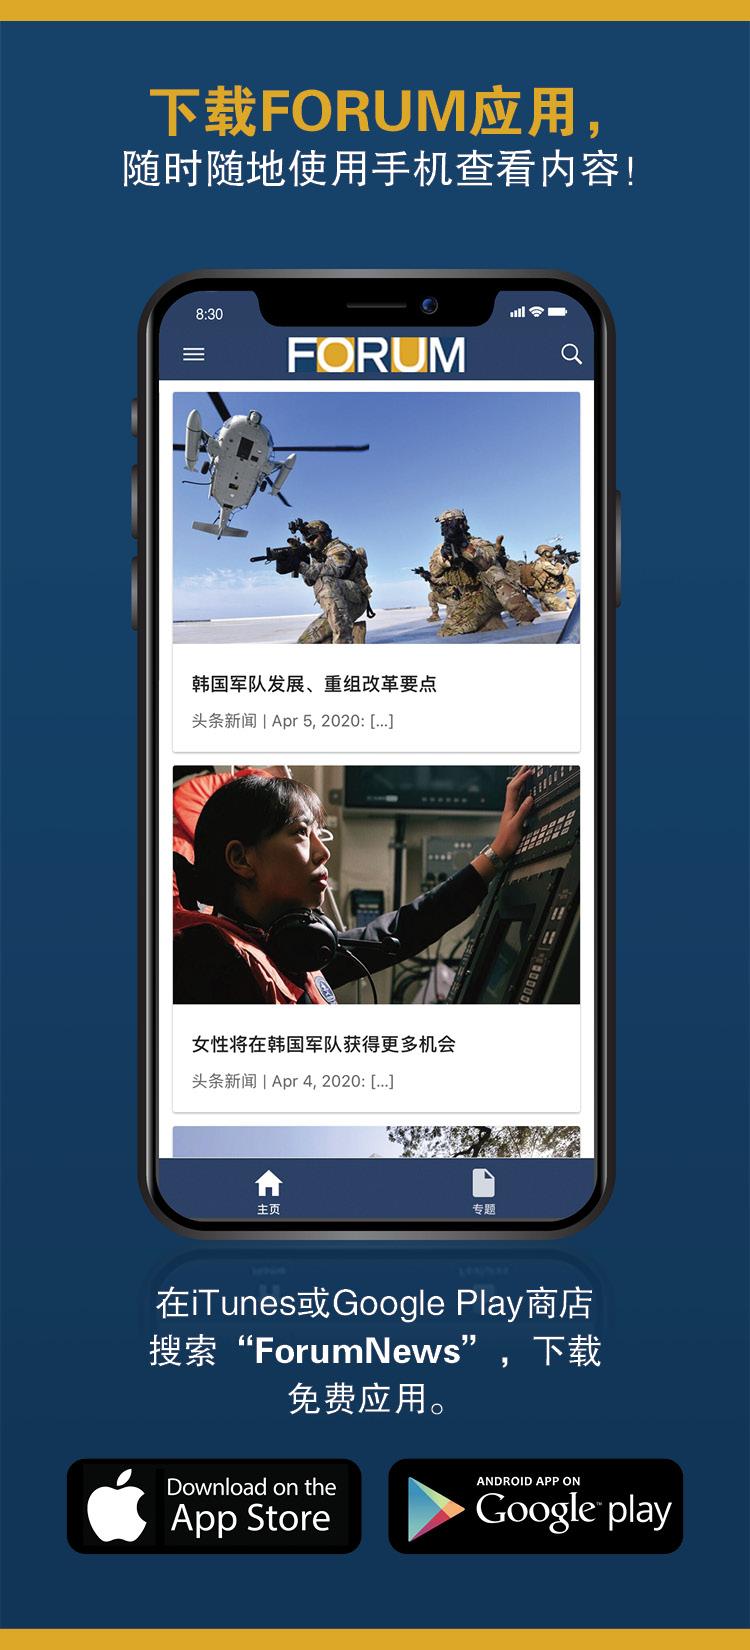 ForumApp Chi